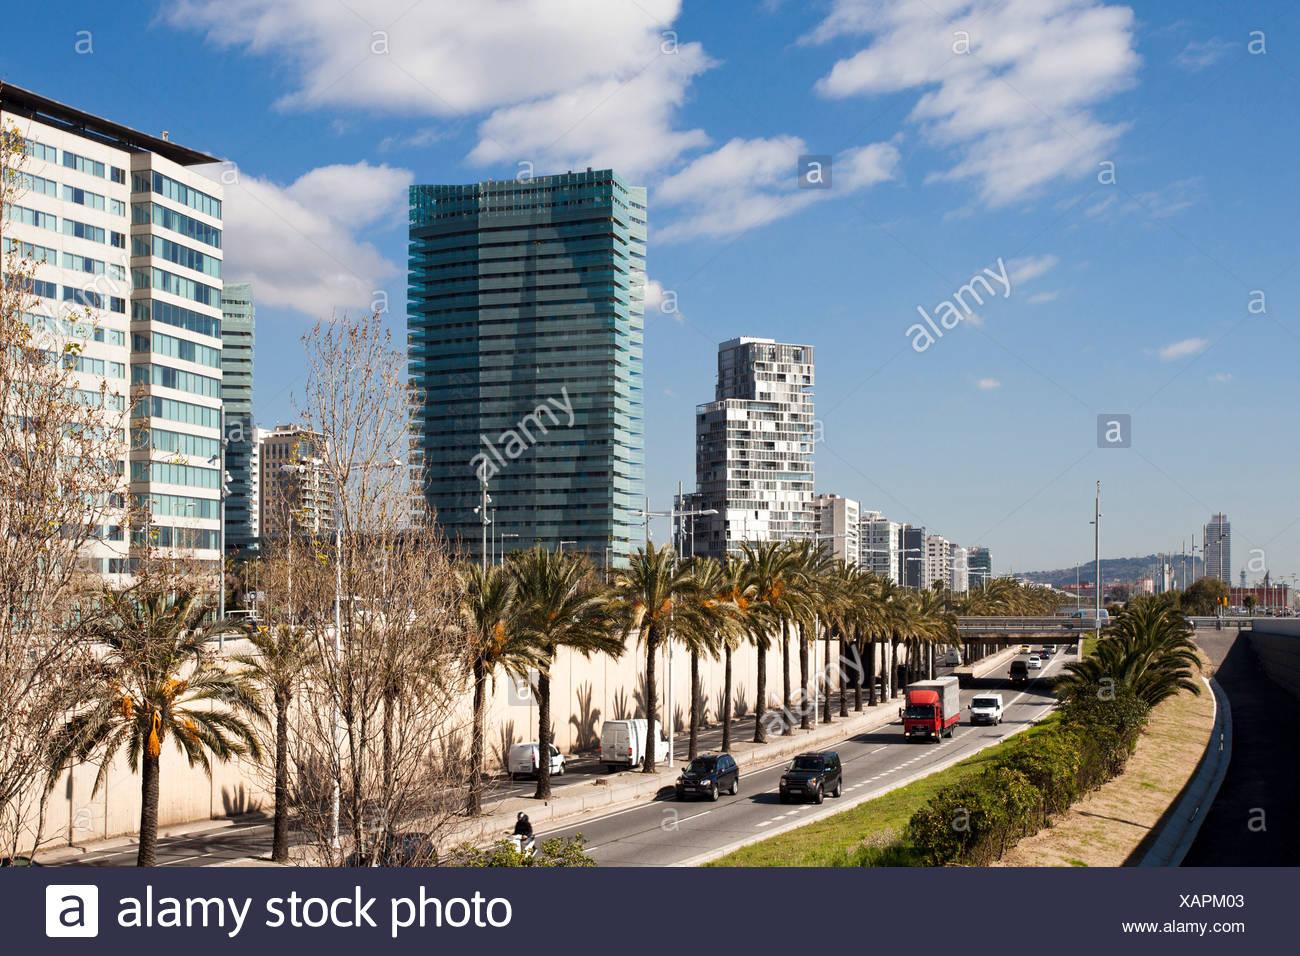 Spain, Europe, Catalunya, Barcelona, Diagonal Mar, Water front, Ronda Litoral - Stock Image